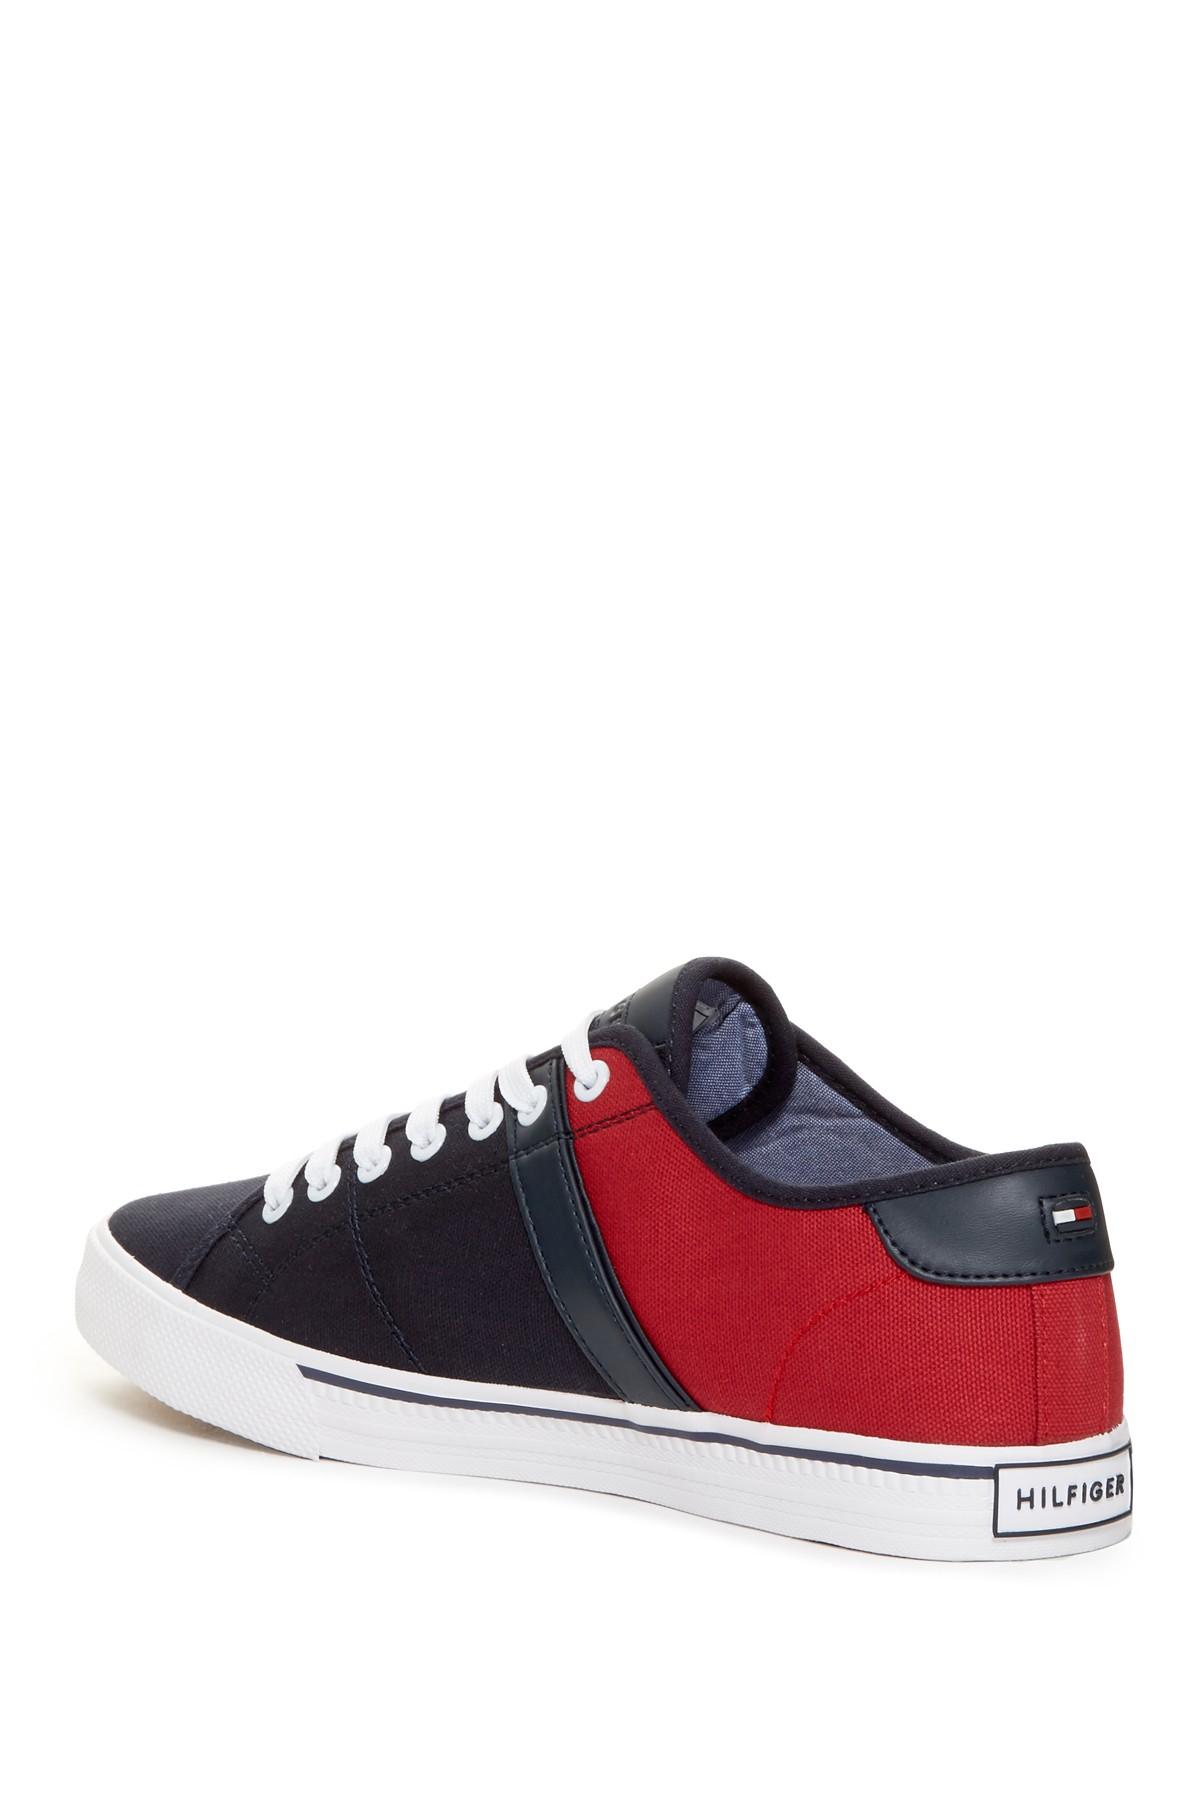 tommy hilfiger multicolor roamer sneaker for men lyst. Black Bedroom Furniture Sets. Home Design Ideas